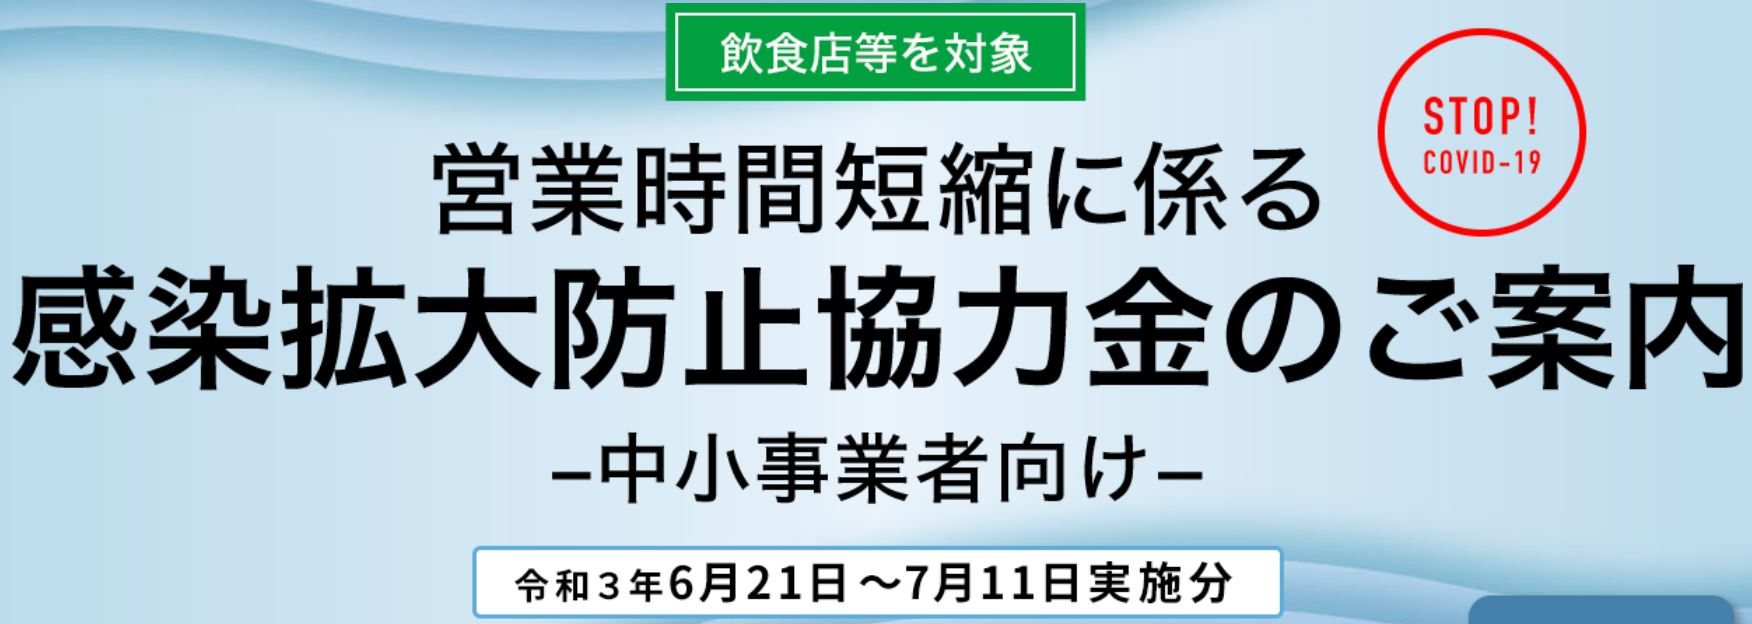 都の協力金 6/21~7/11実施分の受付開始は本日8月18日(水)から!